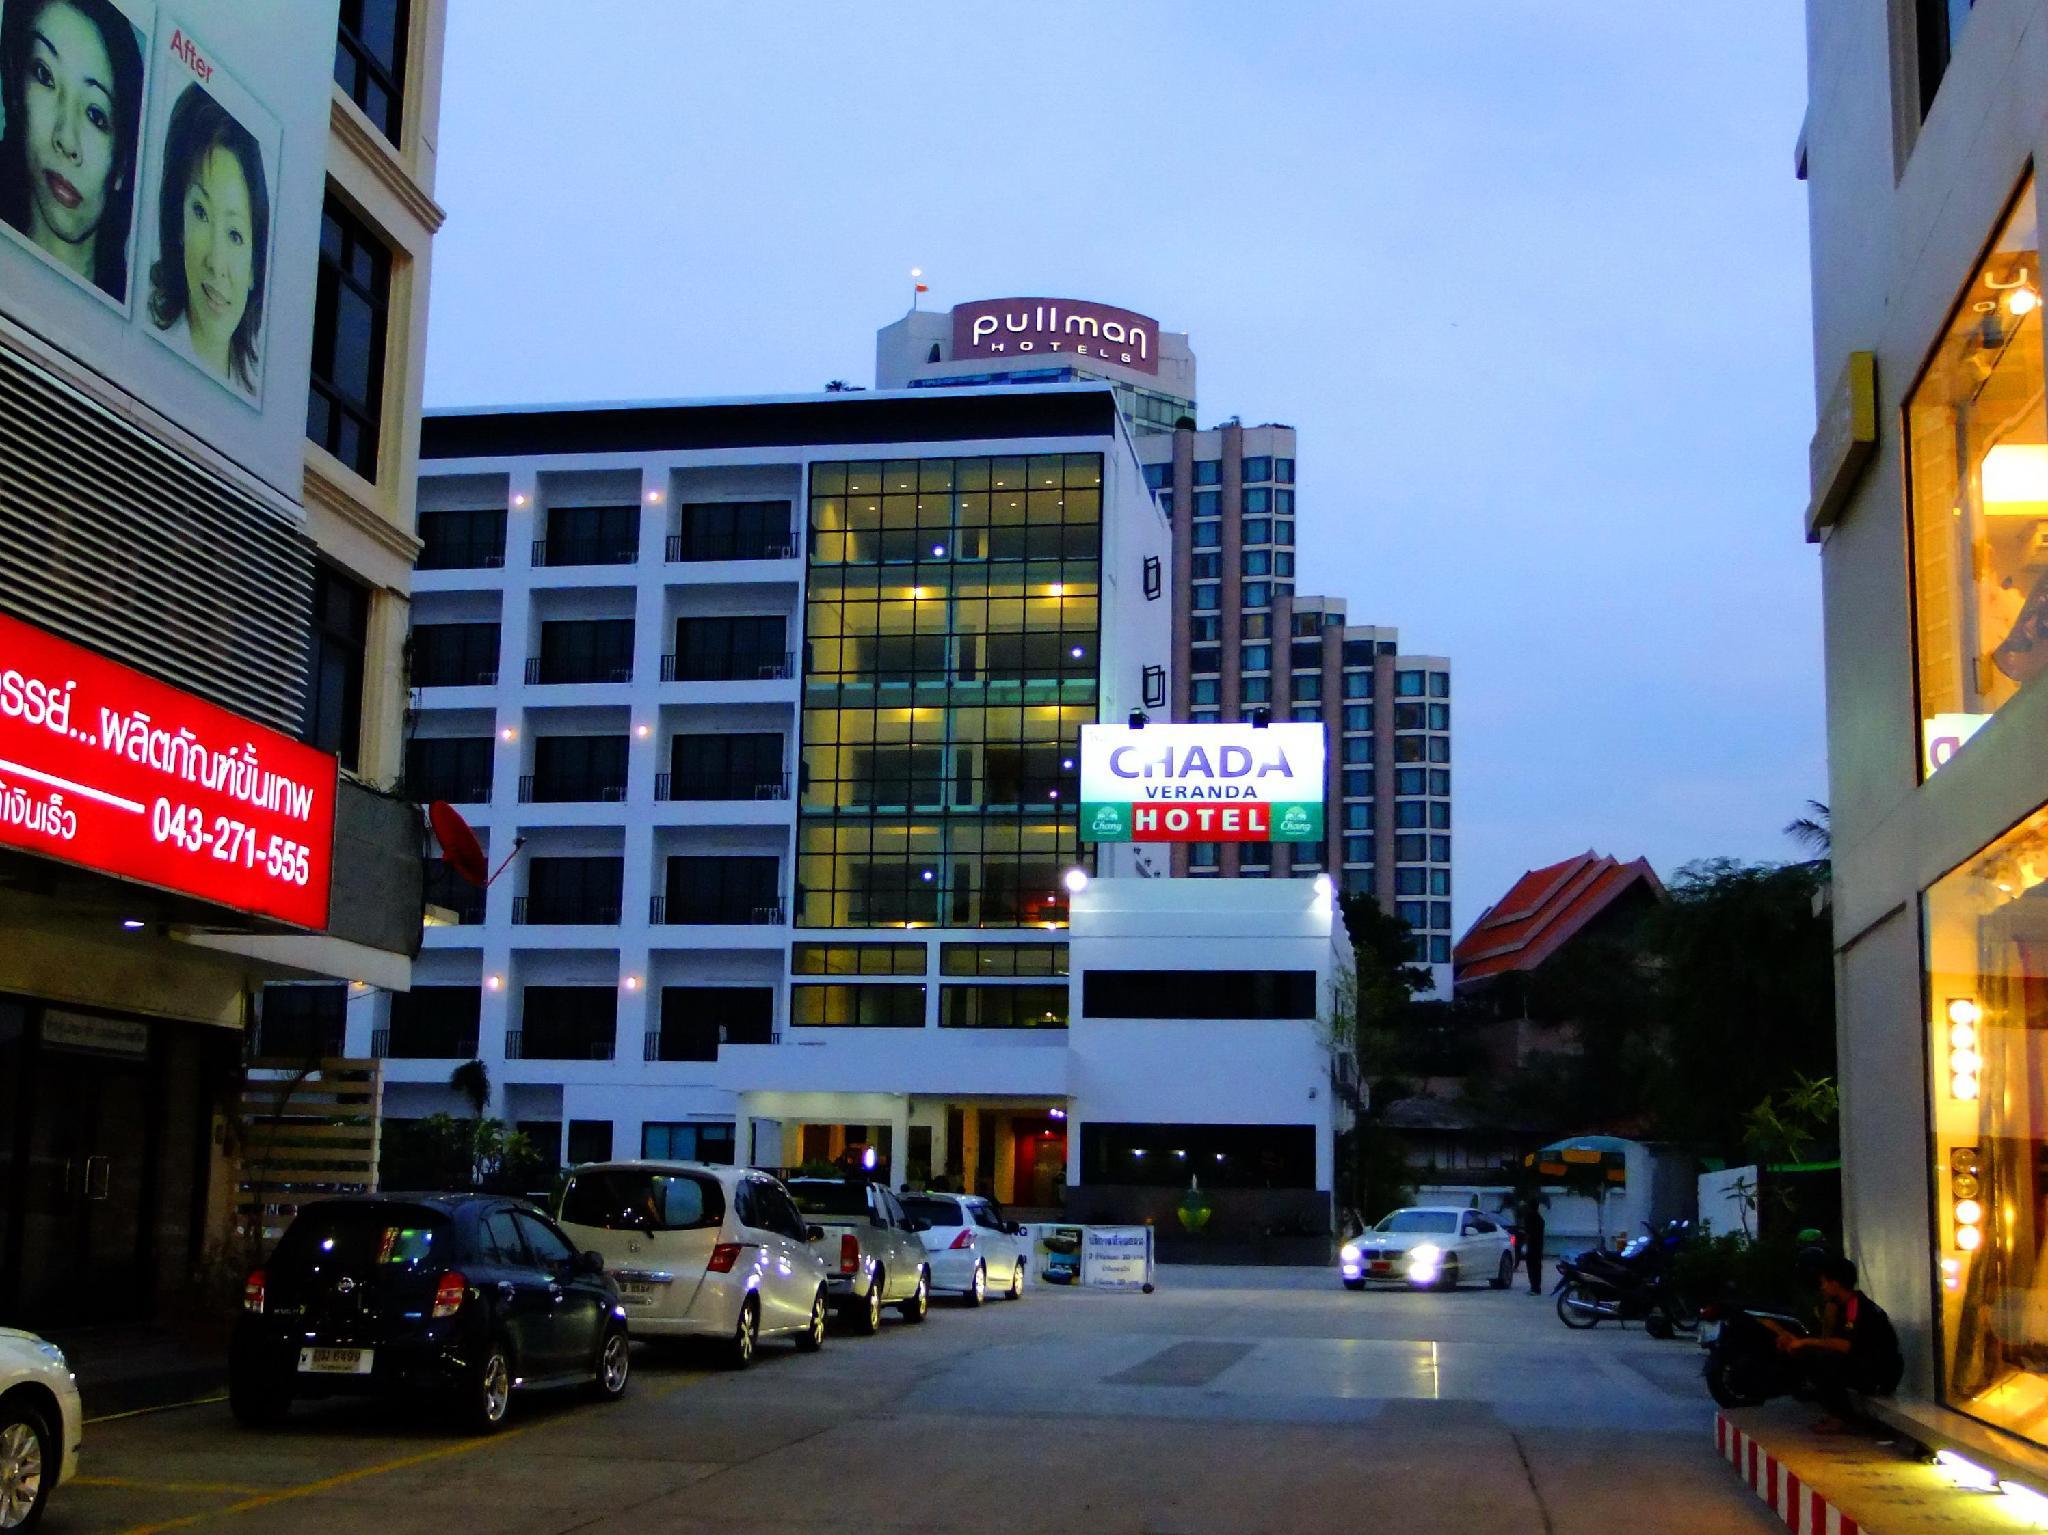 乍得游廊酒店,โรงแรมชาดา เวอแรนด้า